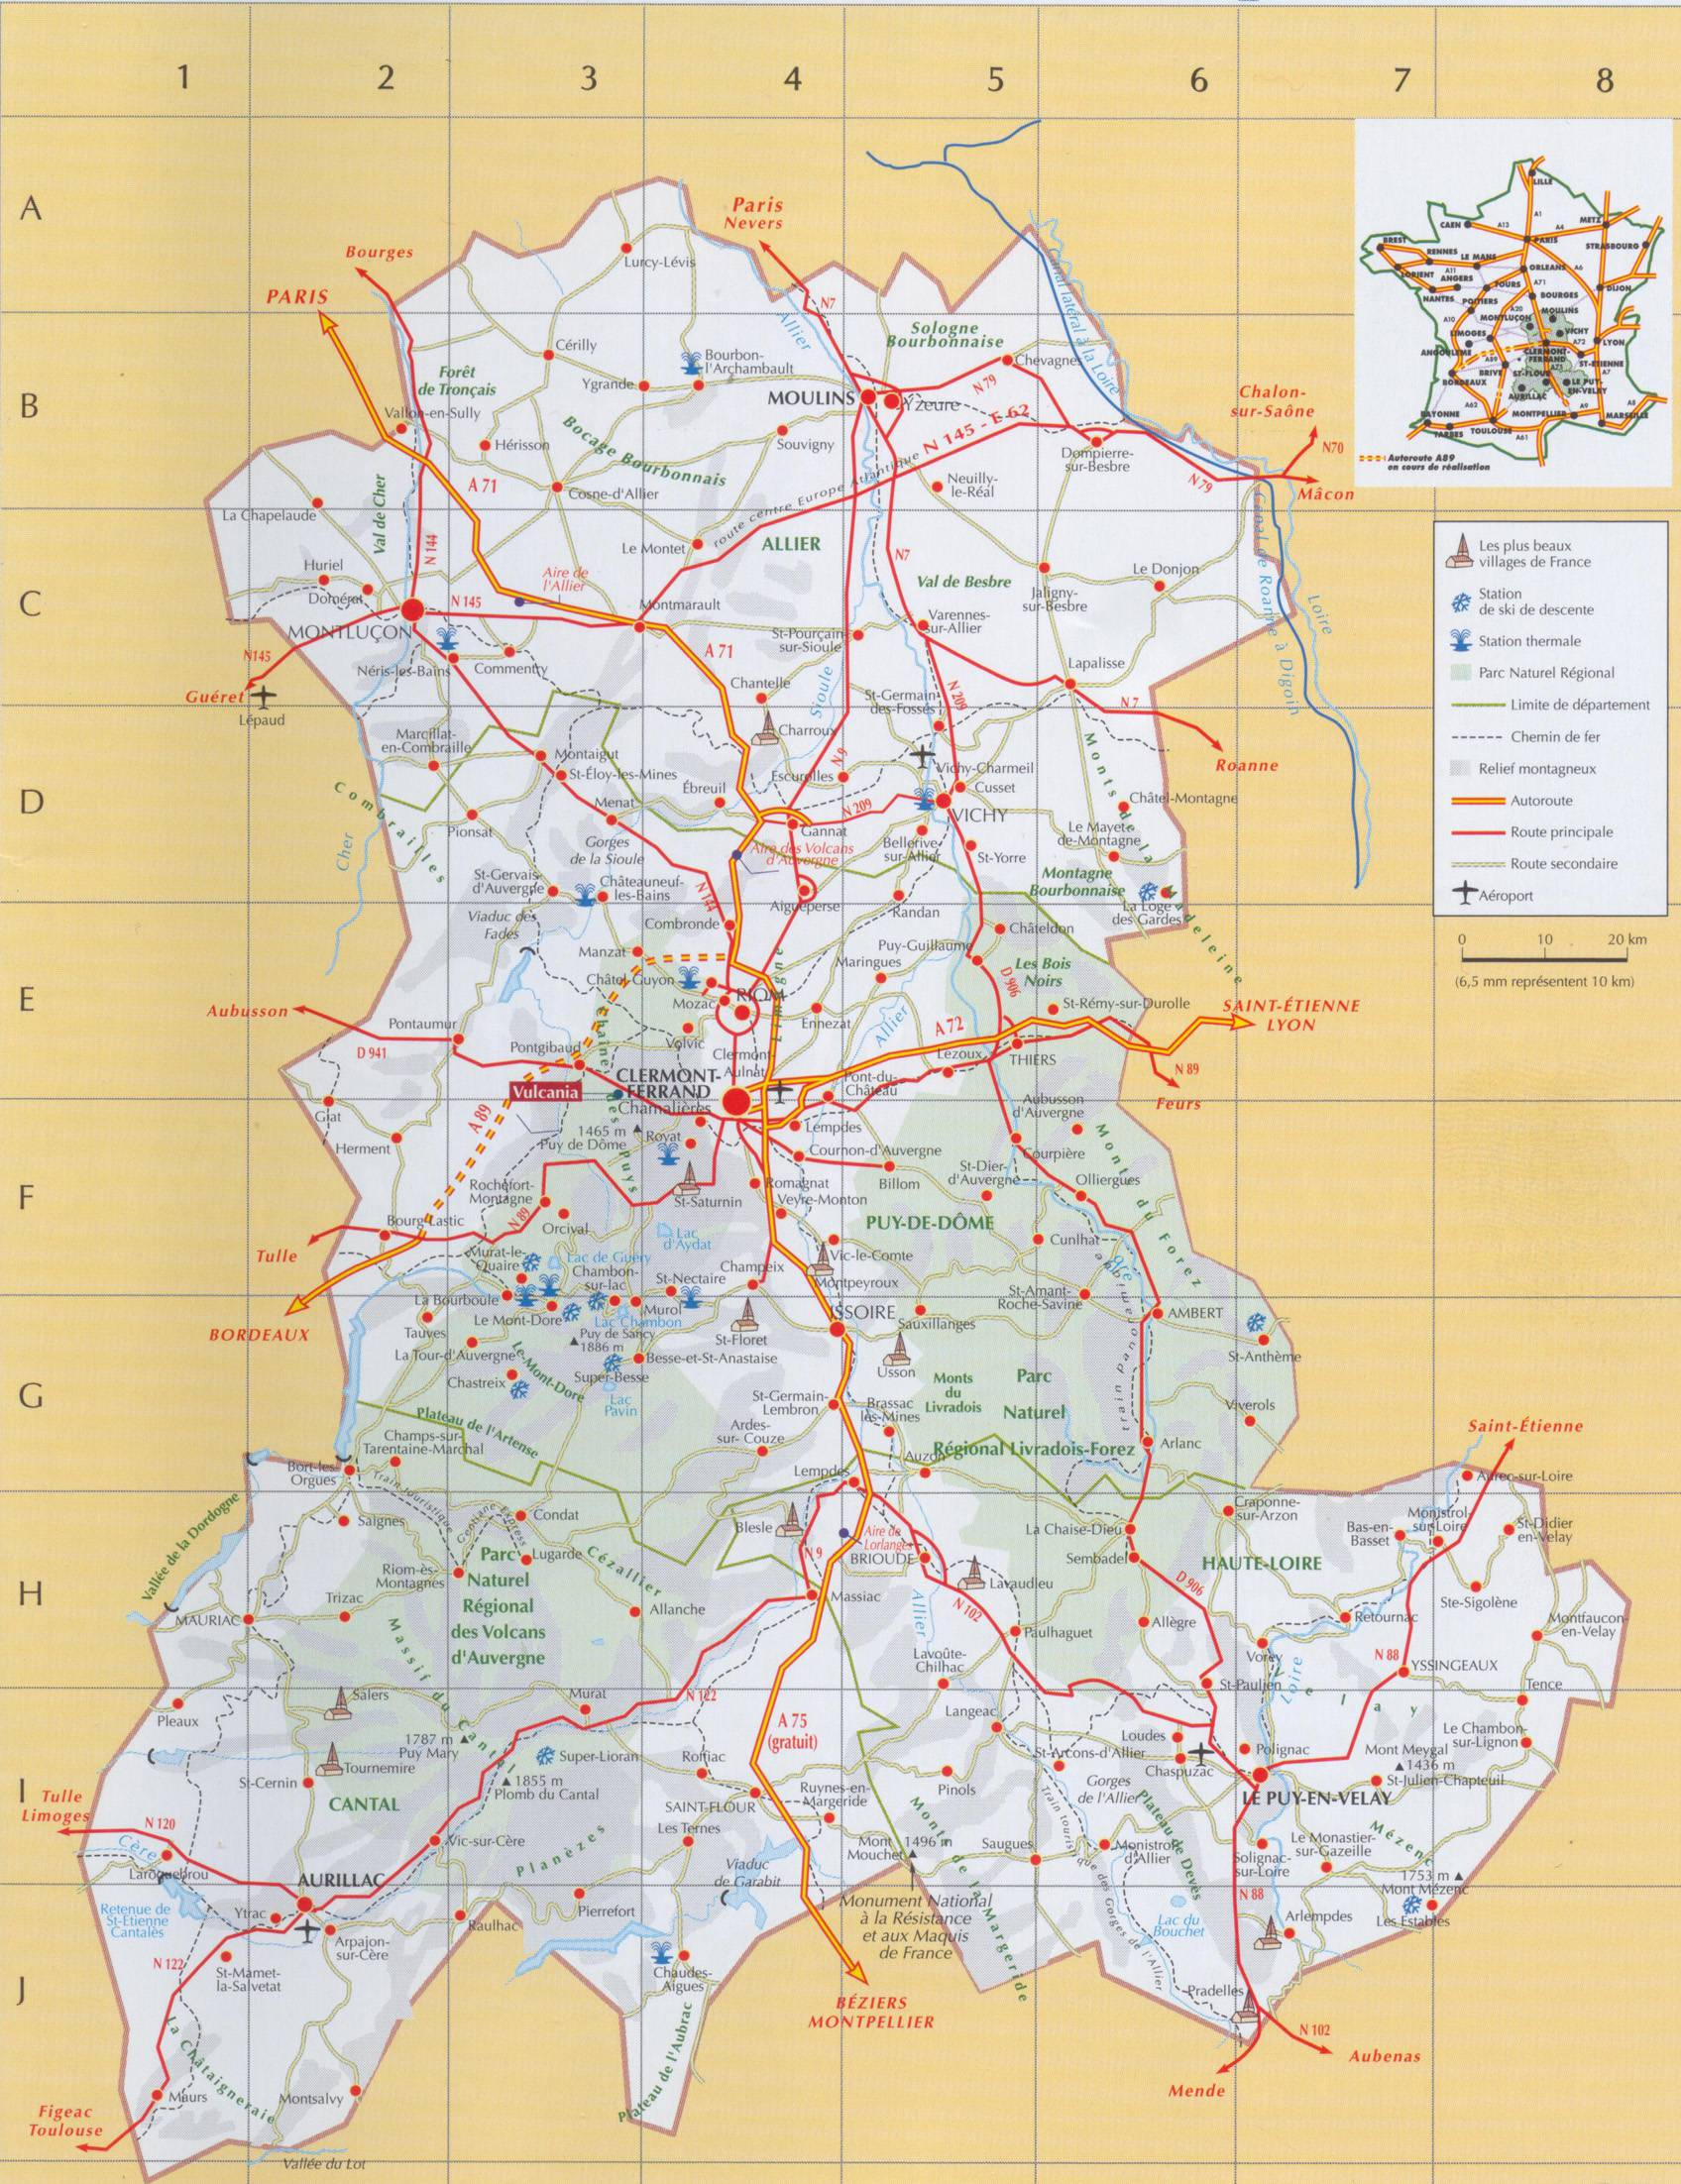 Carte de l 39 auvergne plusieurs cartes de la r gion du centre de la france - Office du tourisme de l auvergne ...